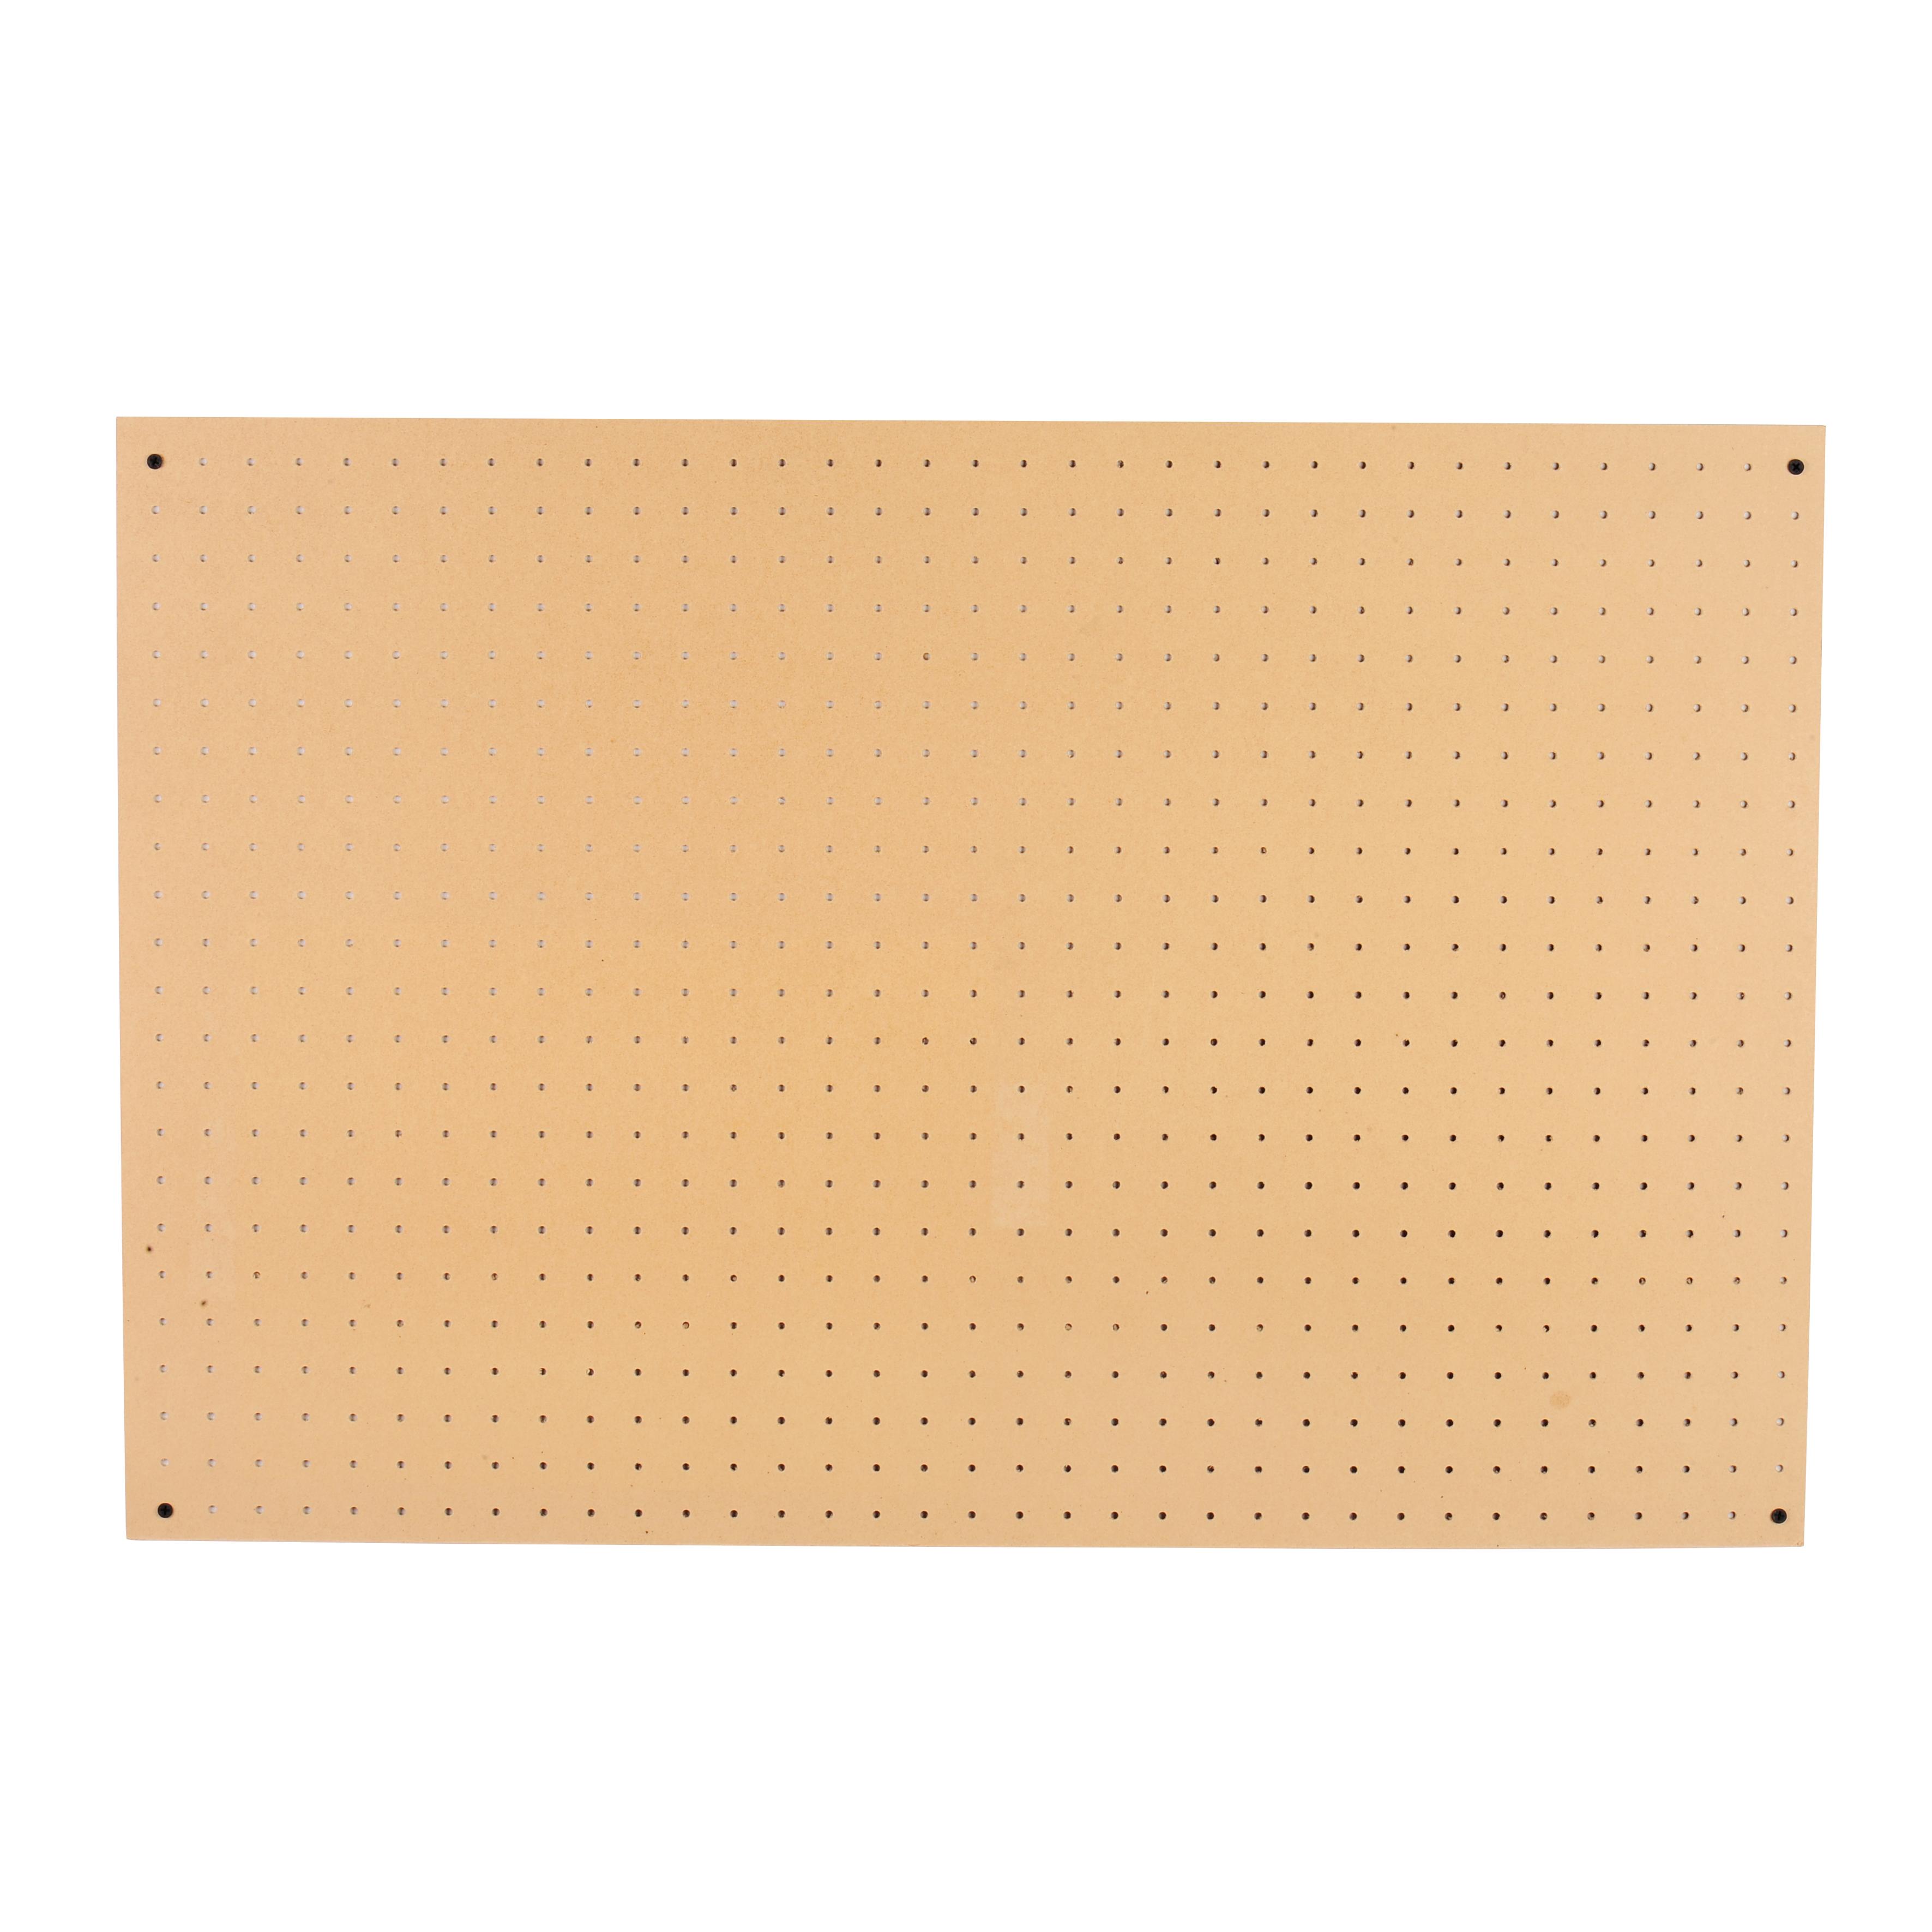 Pannello porta-attrezzi MOTTEZ 60x90 cm in legno 600 x 900 mm - 2